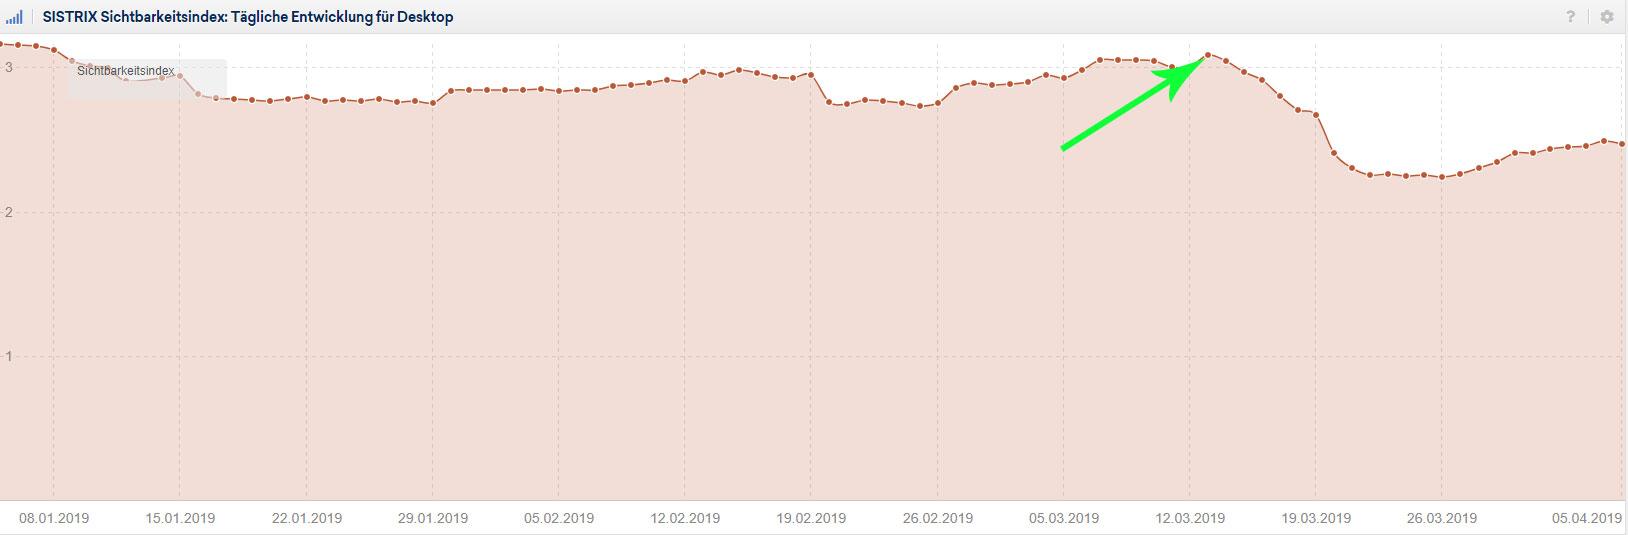 SISTRIX Sichtbarkeit nach Google March Update 2019